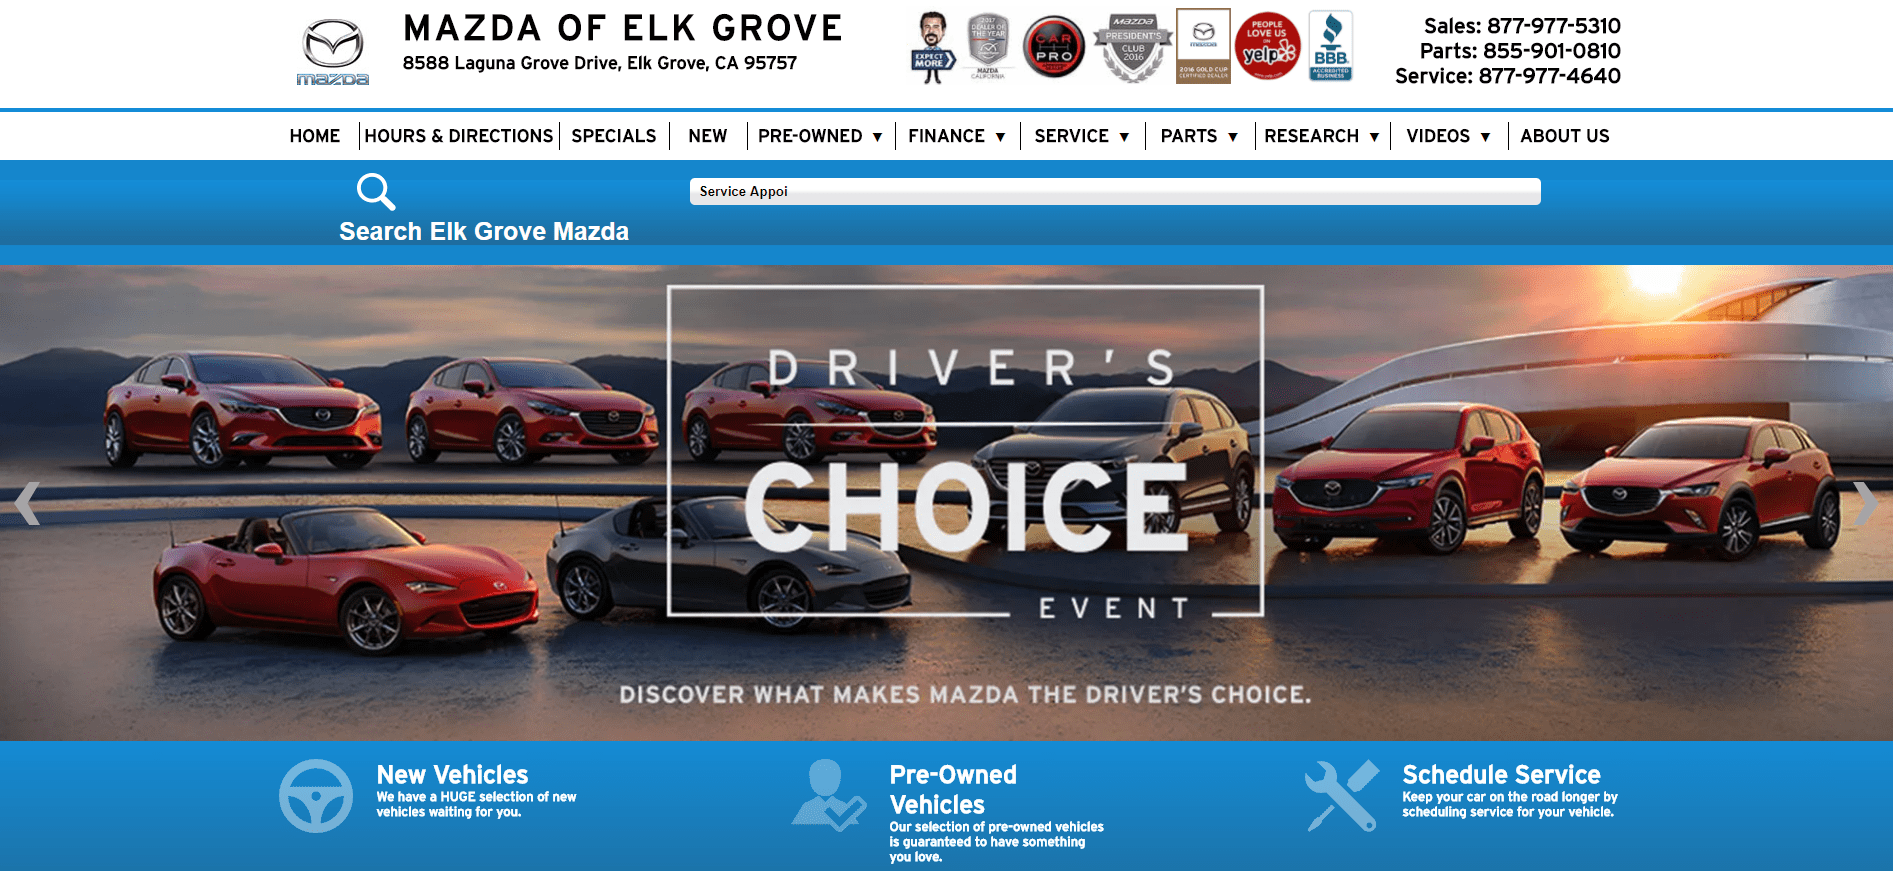 Mazda of Elk Grove